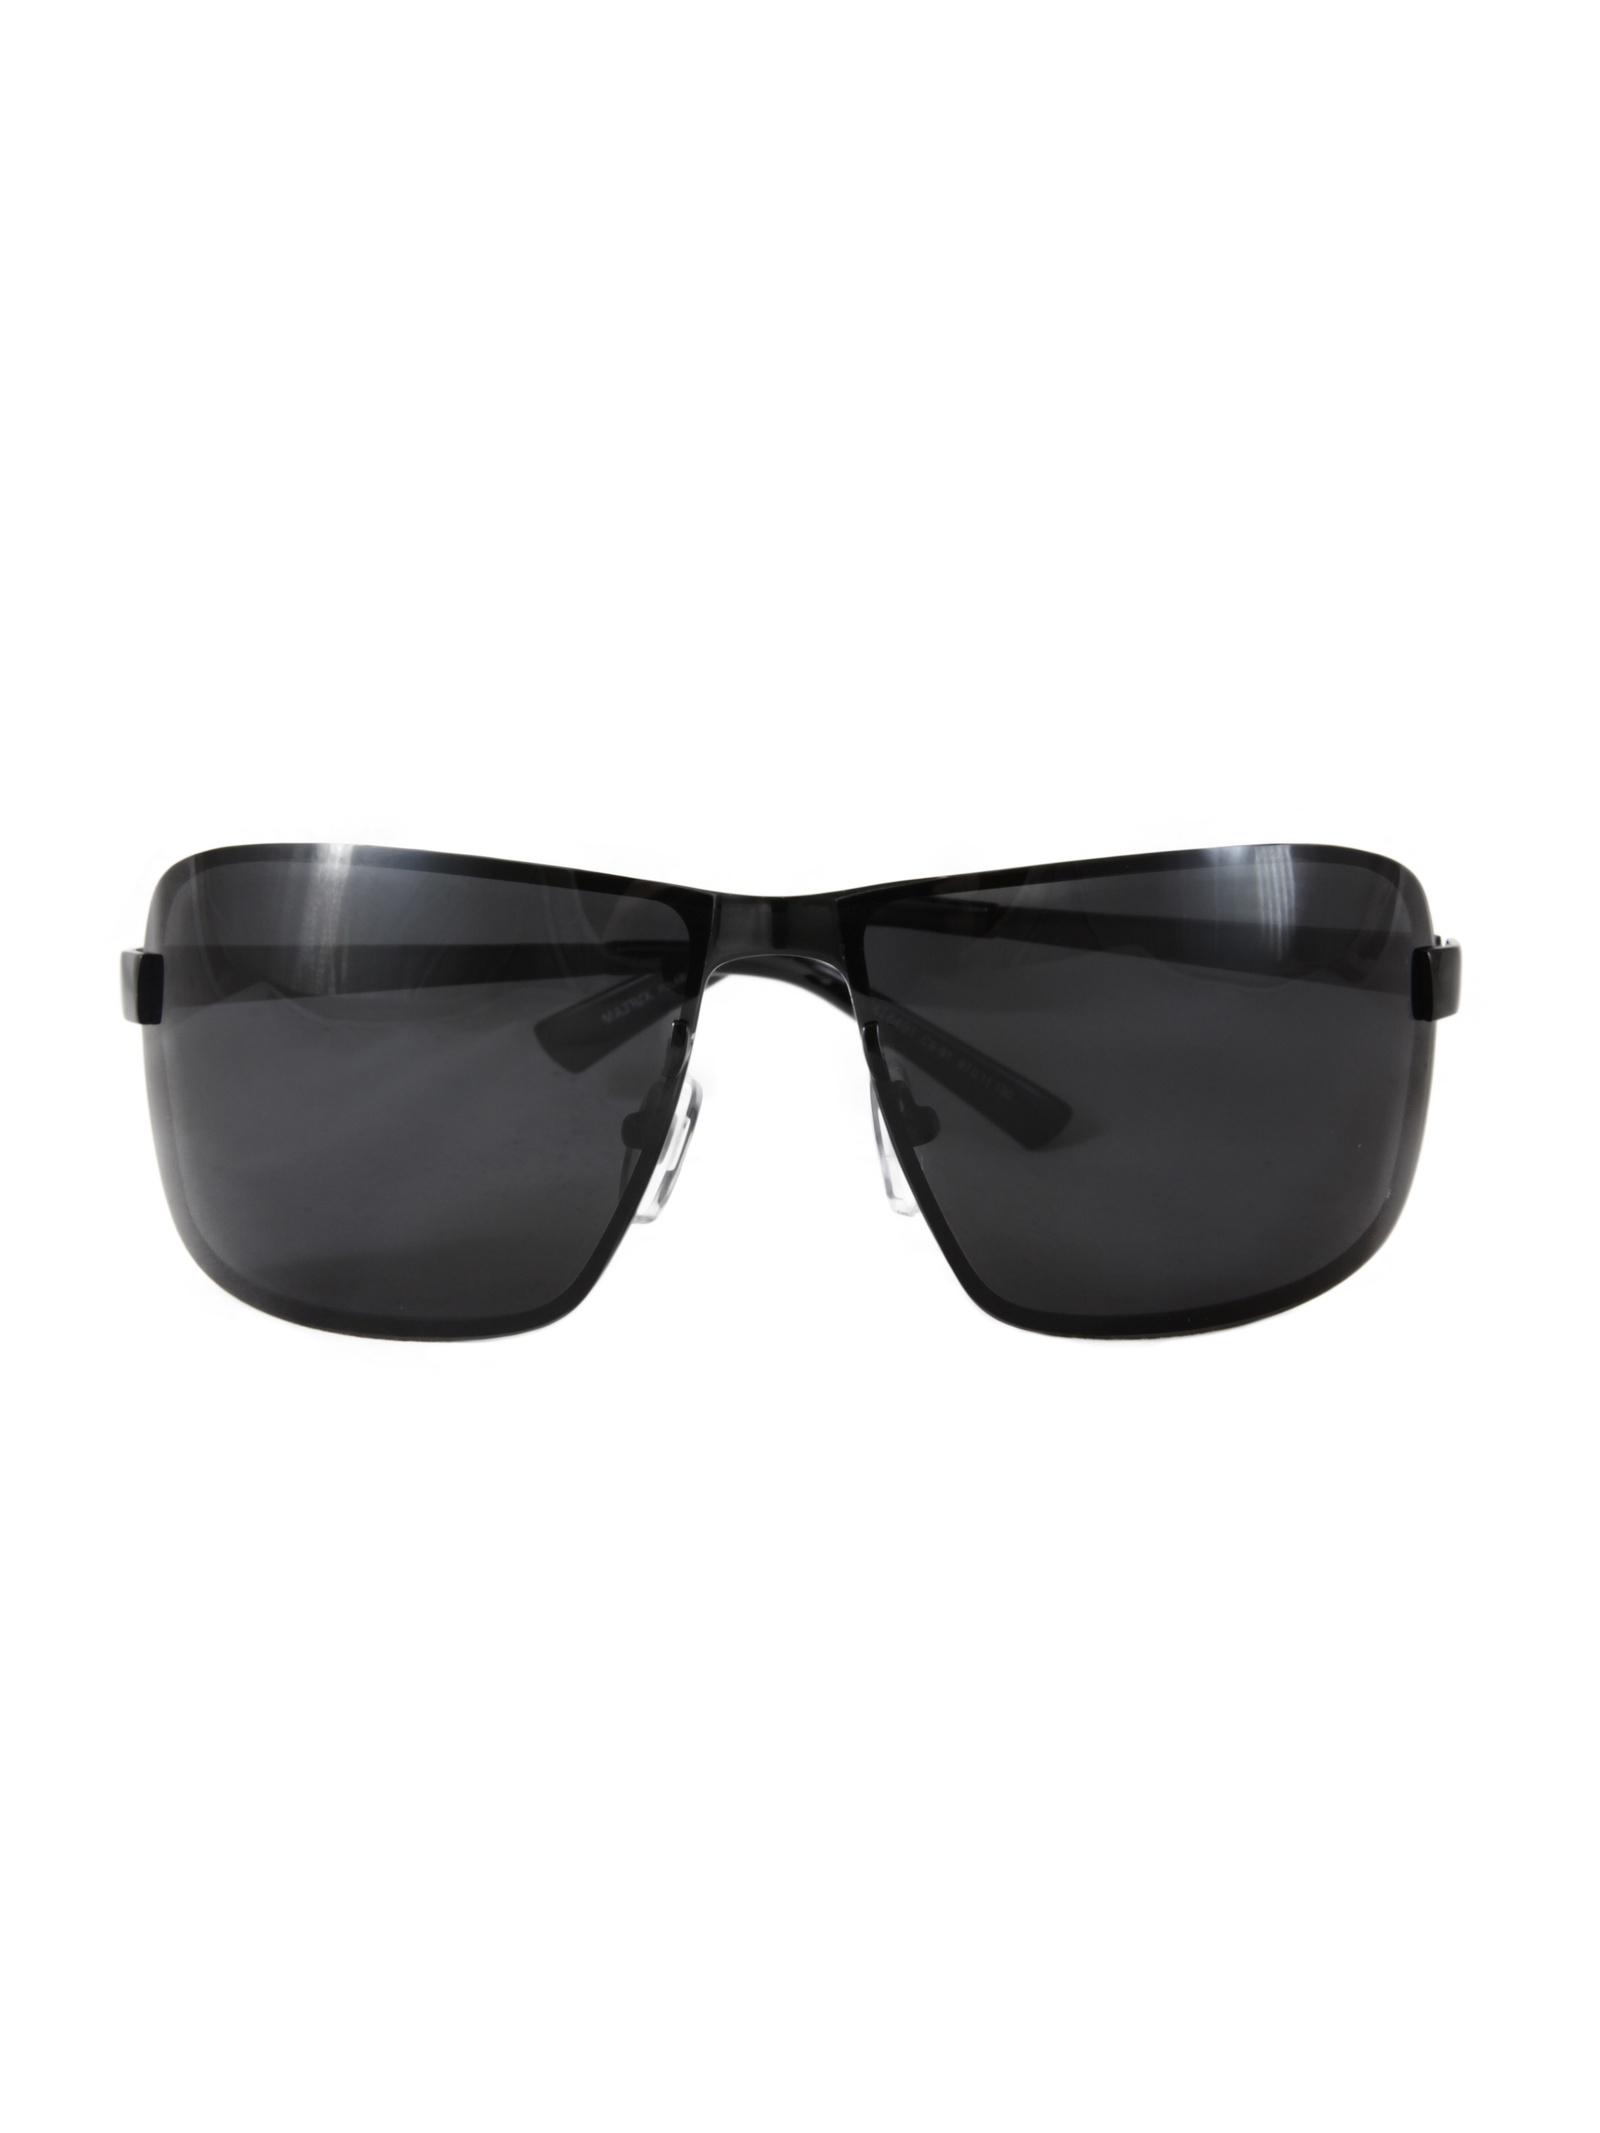 Очки солнцезащитные MATRIX ОчкиMT8491/C9-91Стильные солнцезащитные очки марки MATRIX. Линзы имеют поляризационный фильтр, так же защиту от ультрафиолета UV-400.